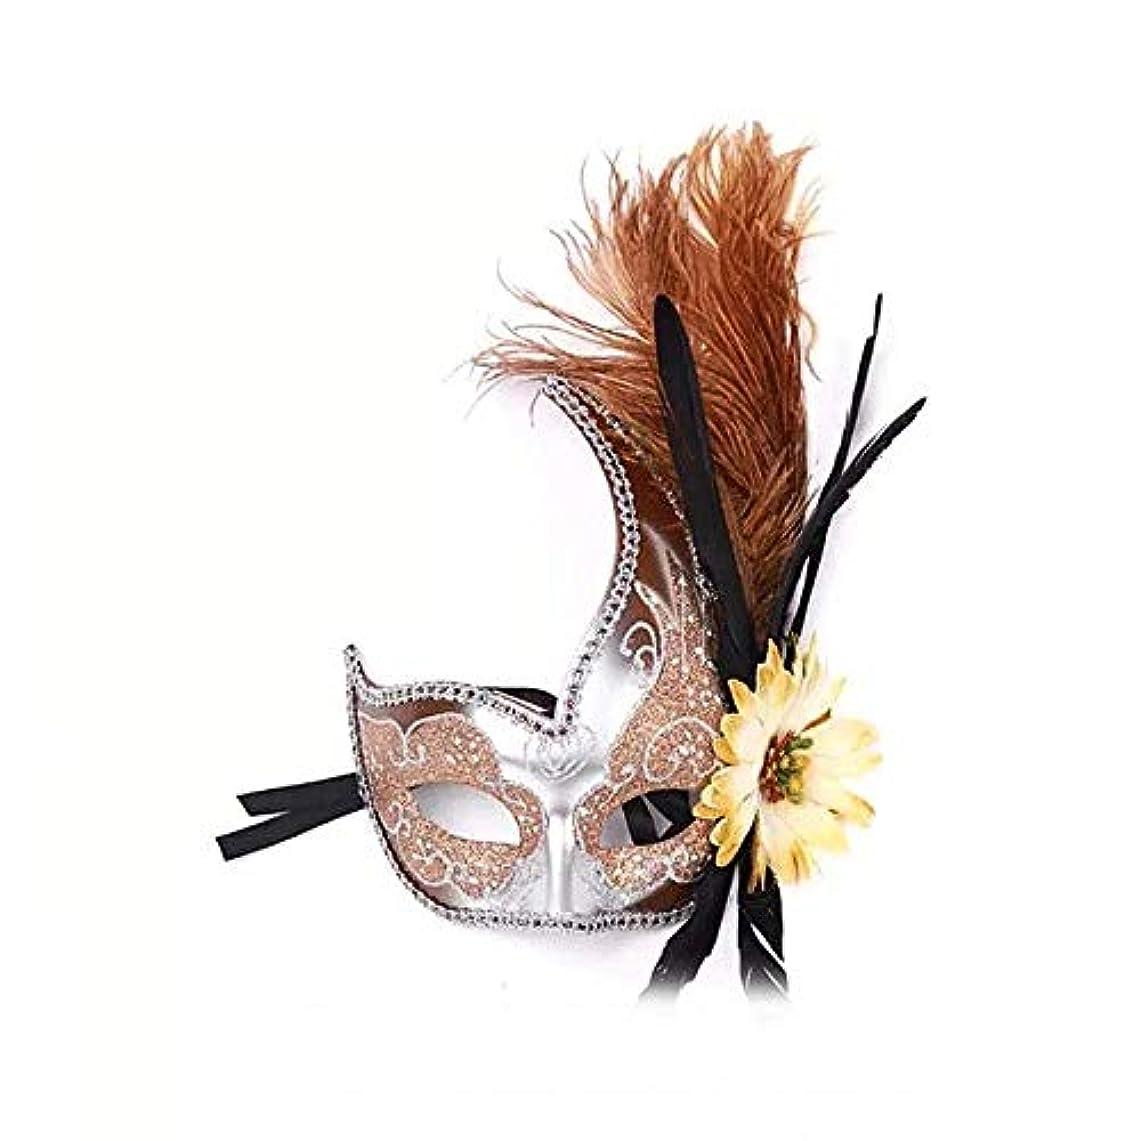 みなさん通り抜ける抹消Nanle ハロウィンマスクハーフフェザーマスクベニスプリンセスマスク美容レース仮面ライダーコスプレ (色 : Style B orange)